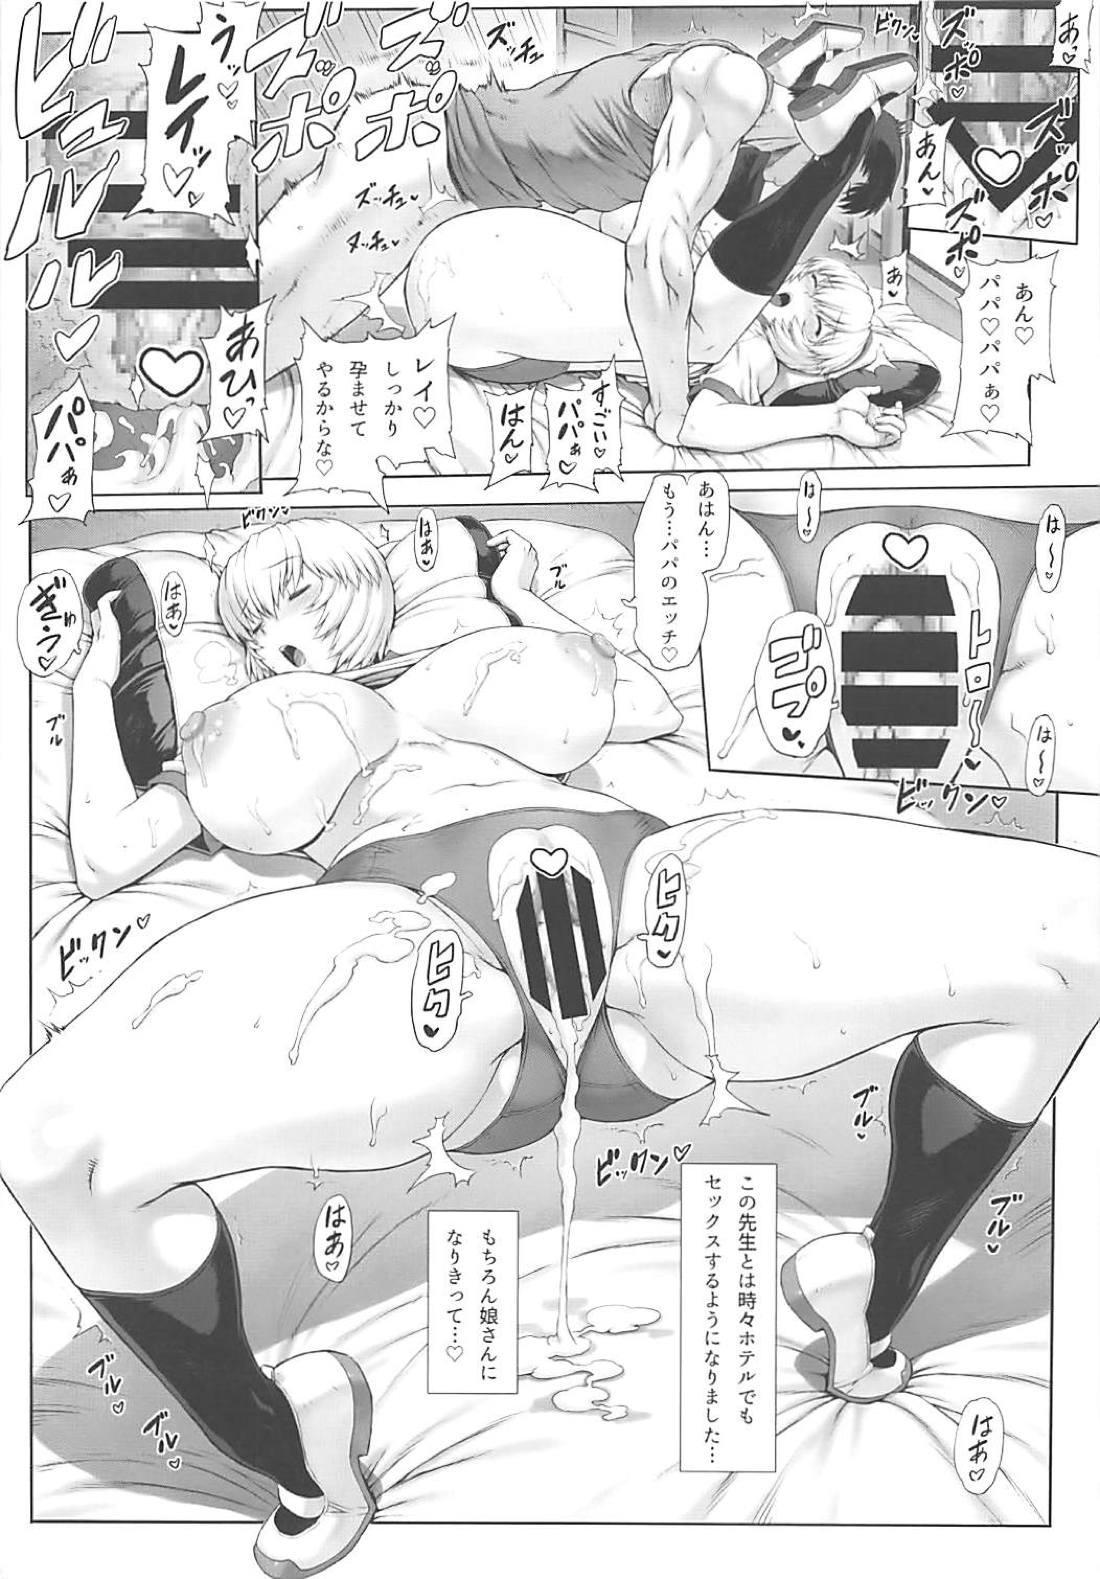 Ayanami Dai 9-kai Ayanami Nikki 12